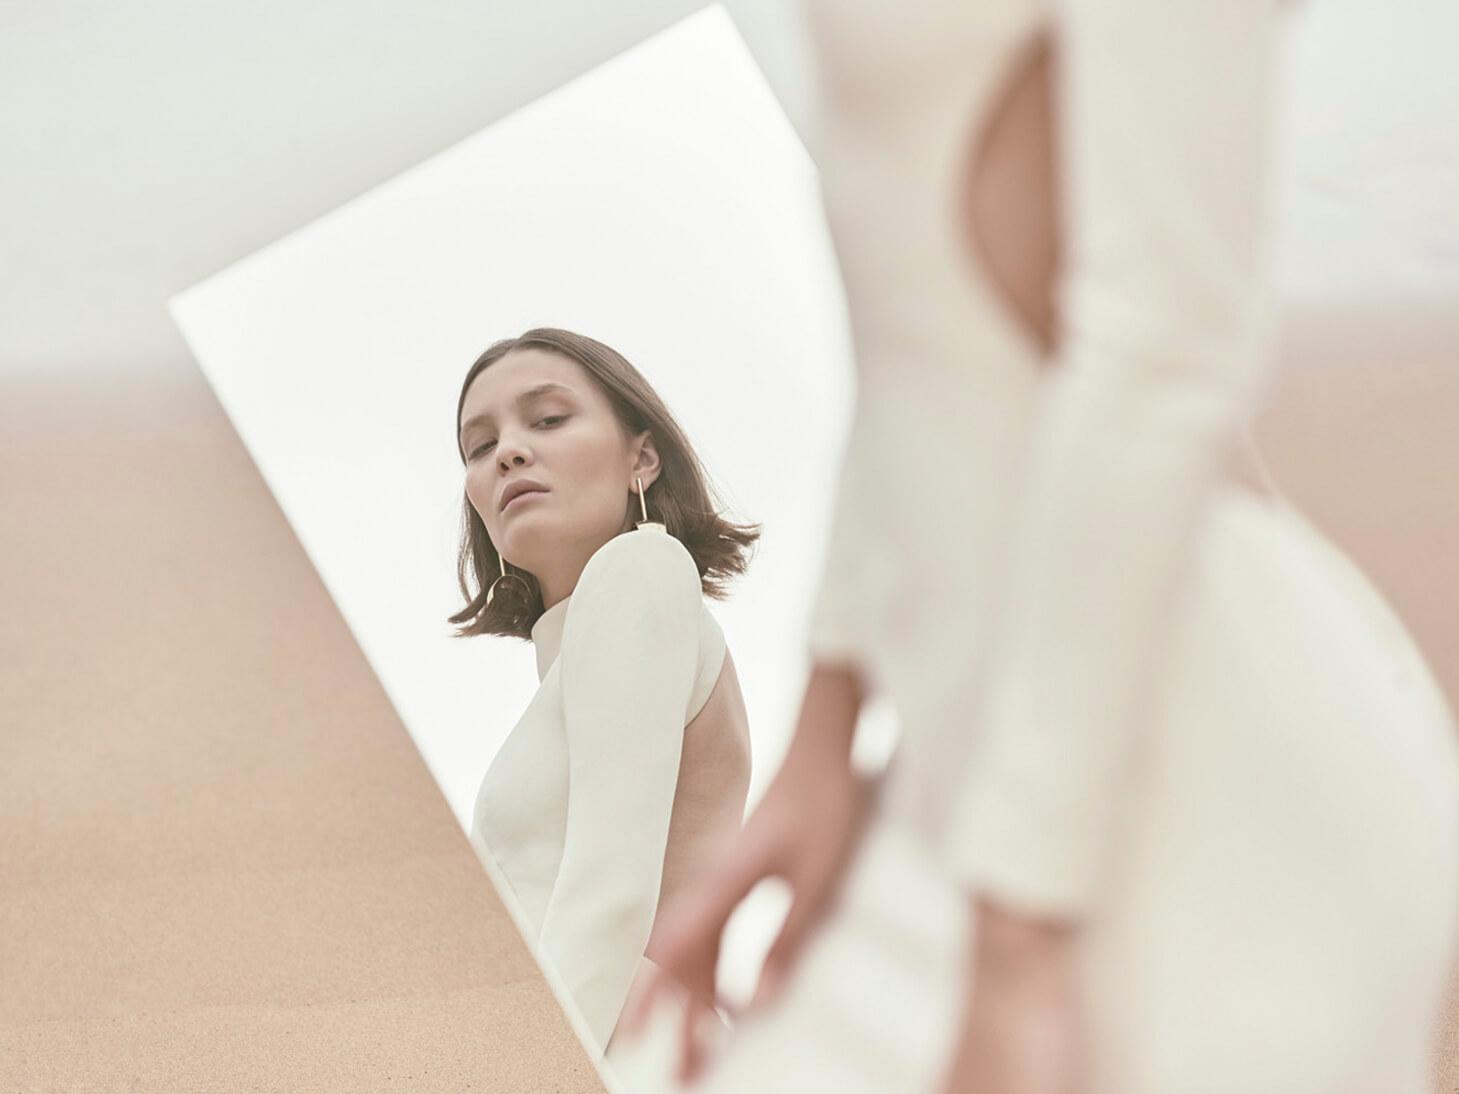 Monica-Cordera-Bridal-novia-2018-detalles-vestido-blanco-escote-espalda